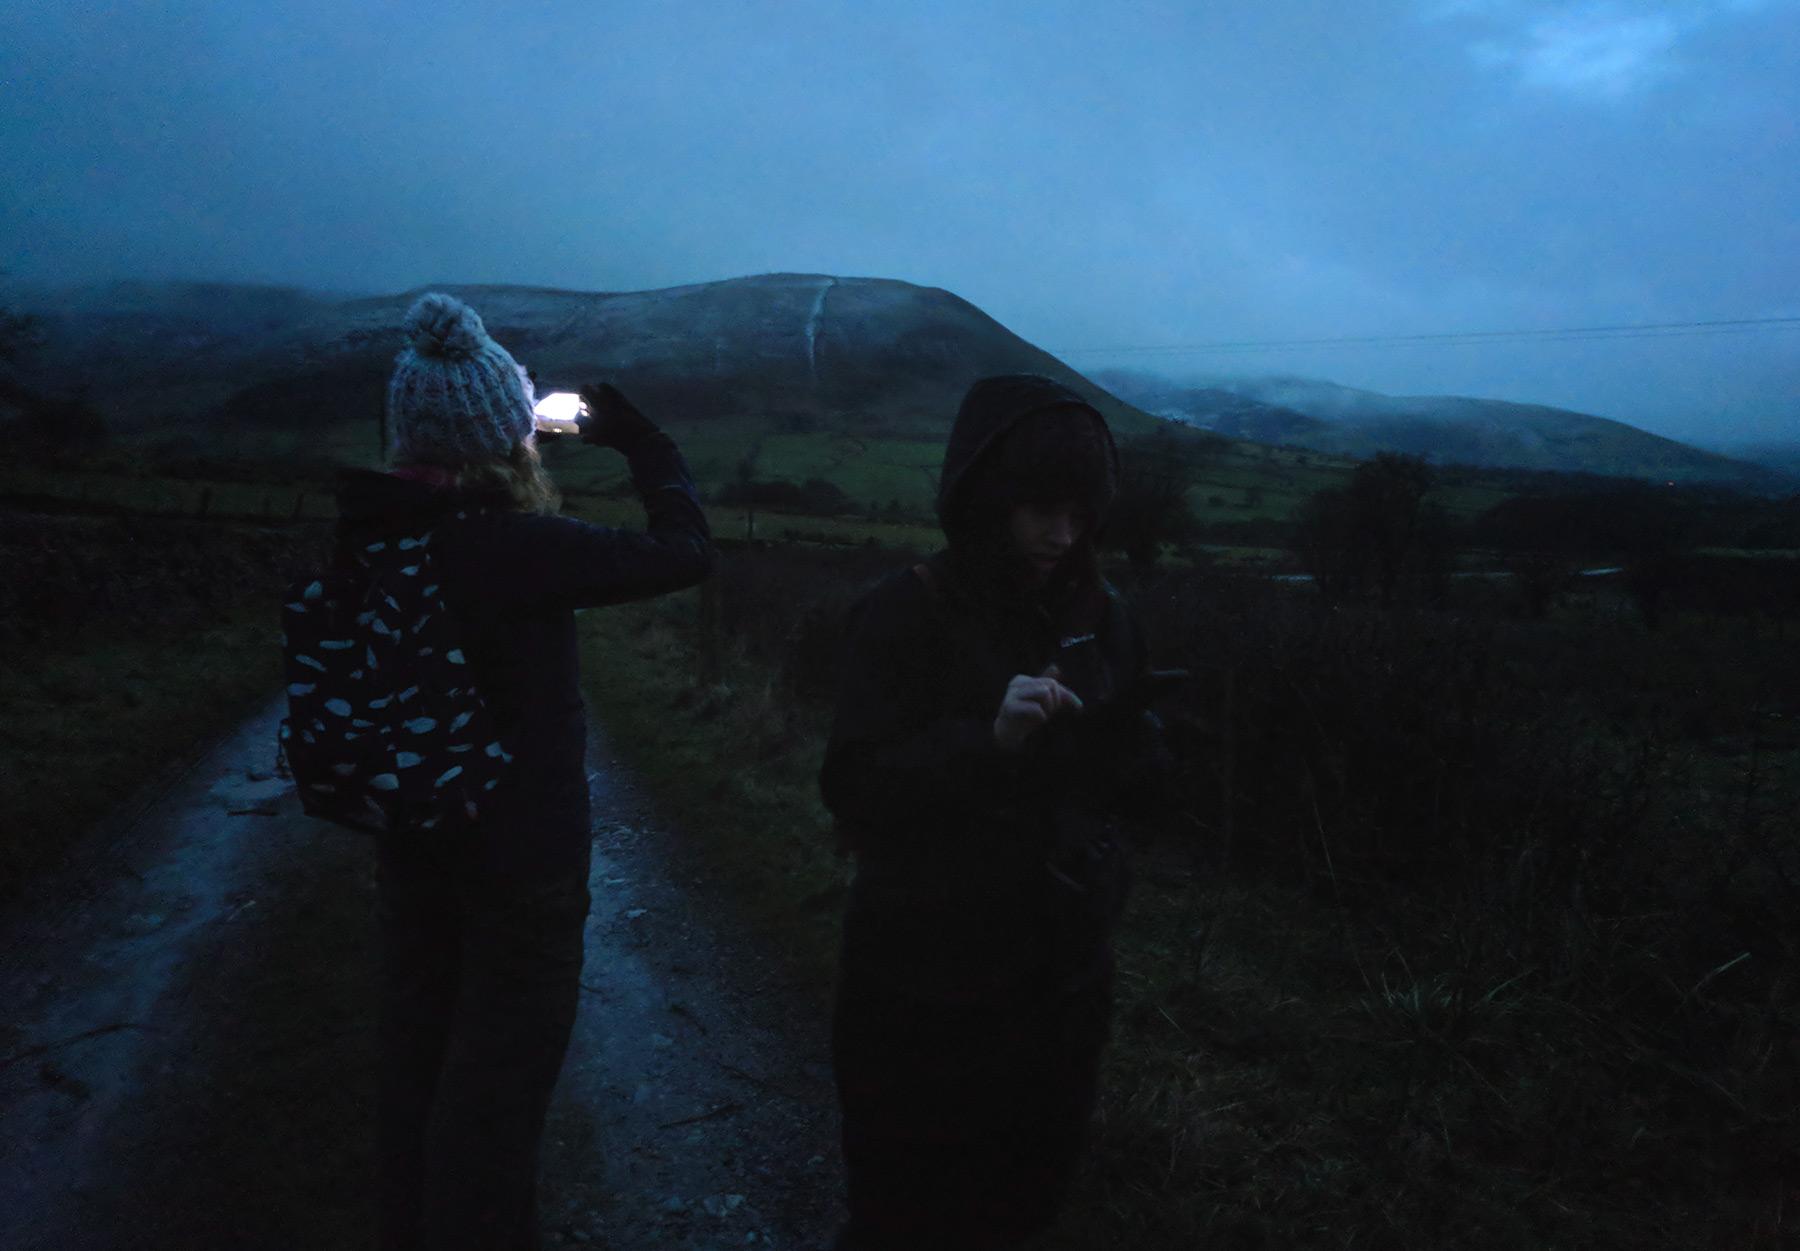 Figures in the dark